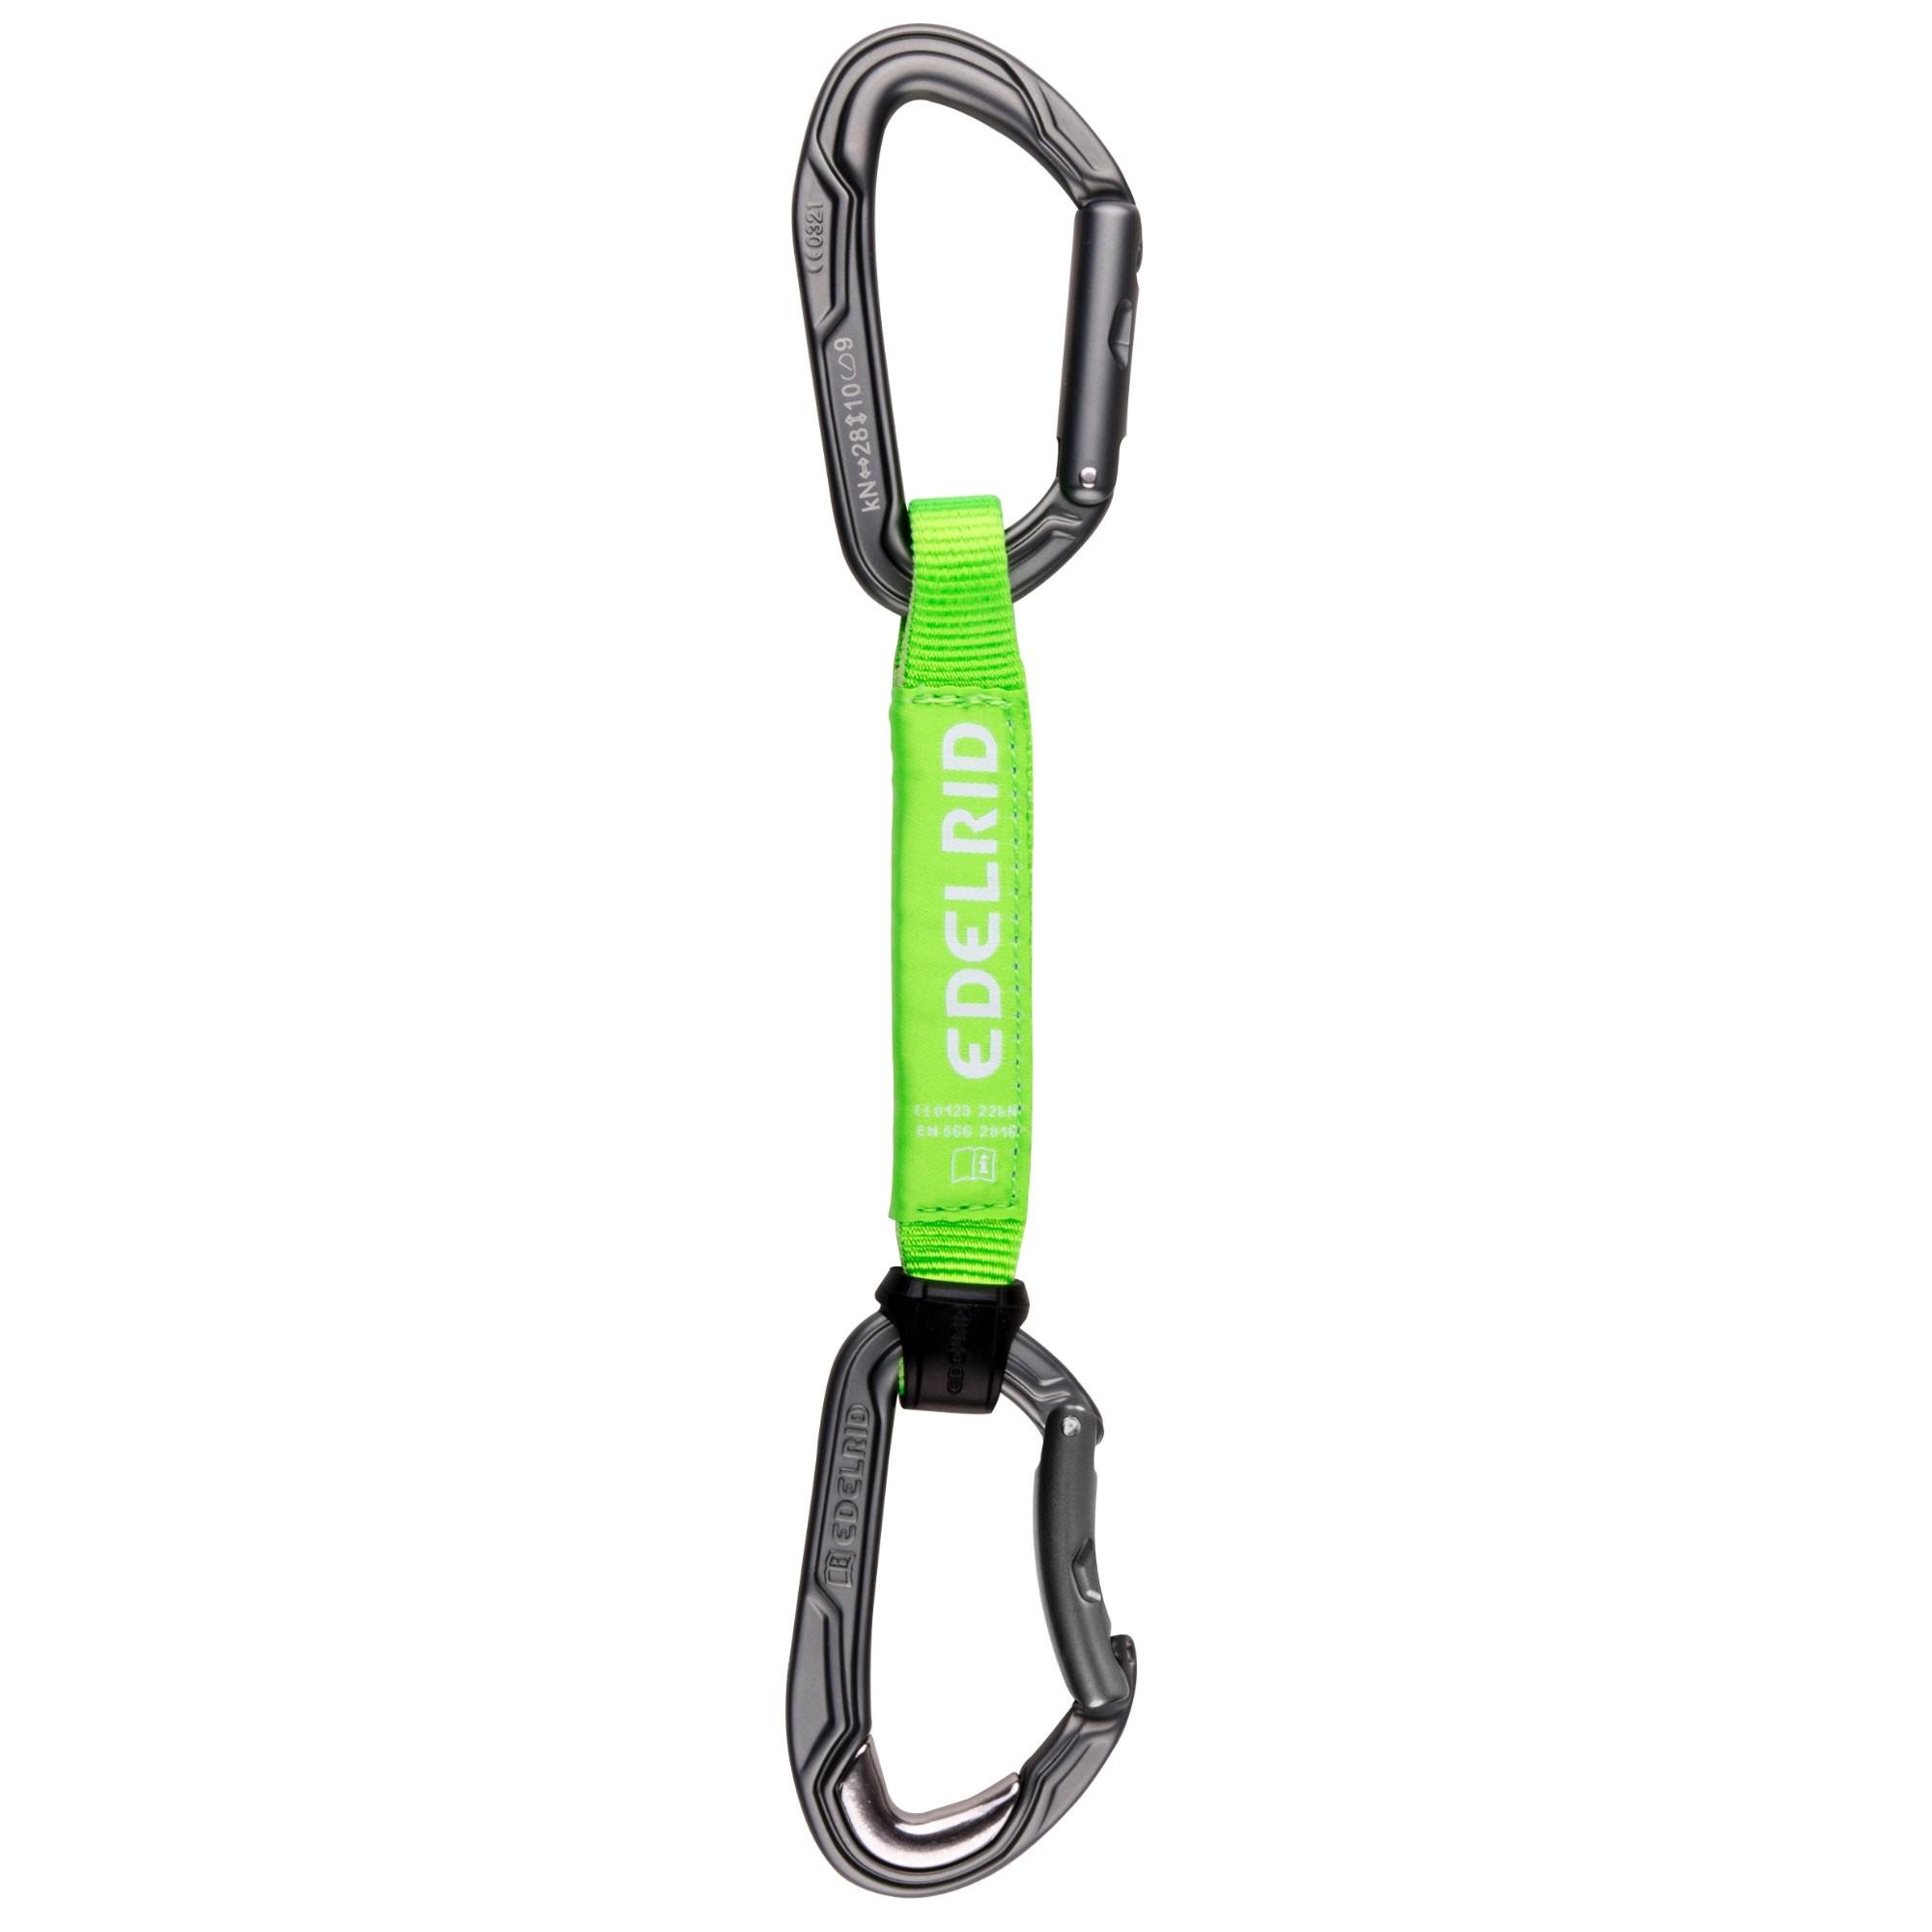 Edelrid Bulletproof Ambassador 16cm Quickdraw - Neon green